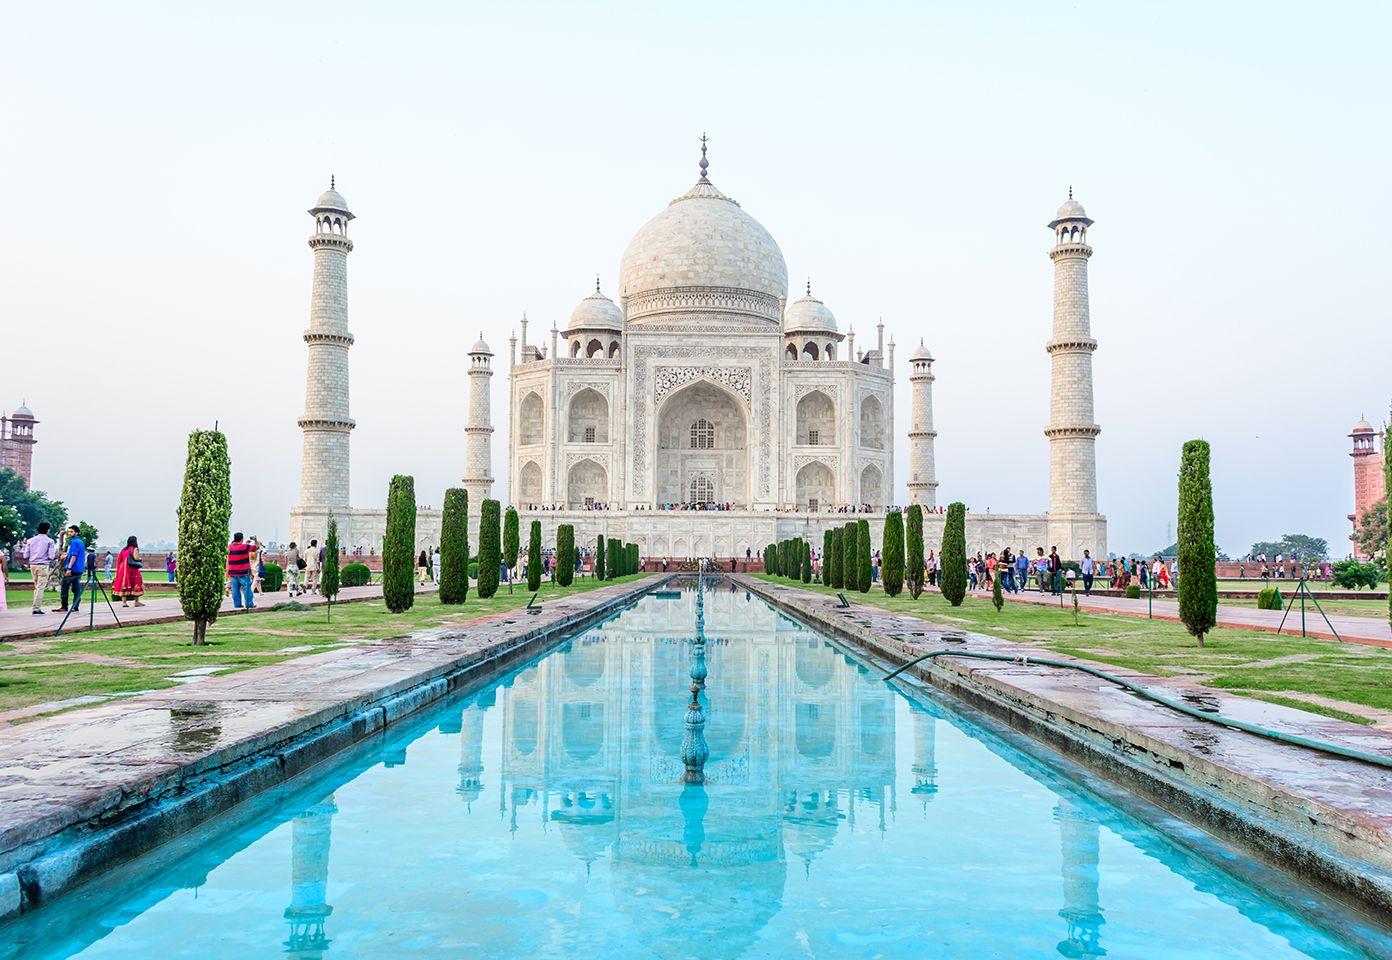 Fique encantado com uma maravilha do mundo Agra, Índia